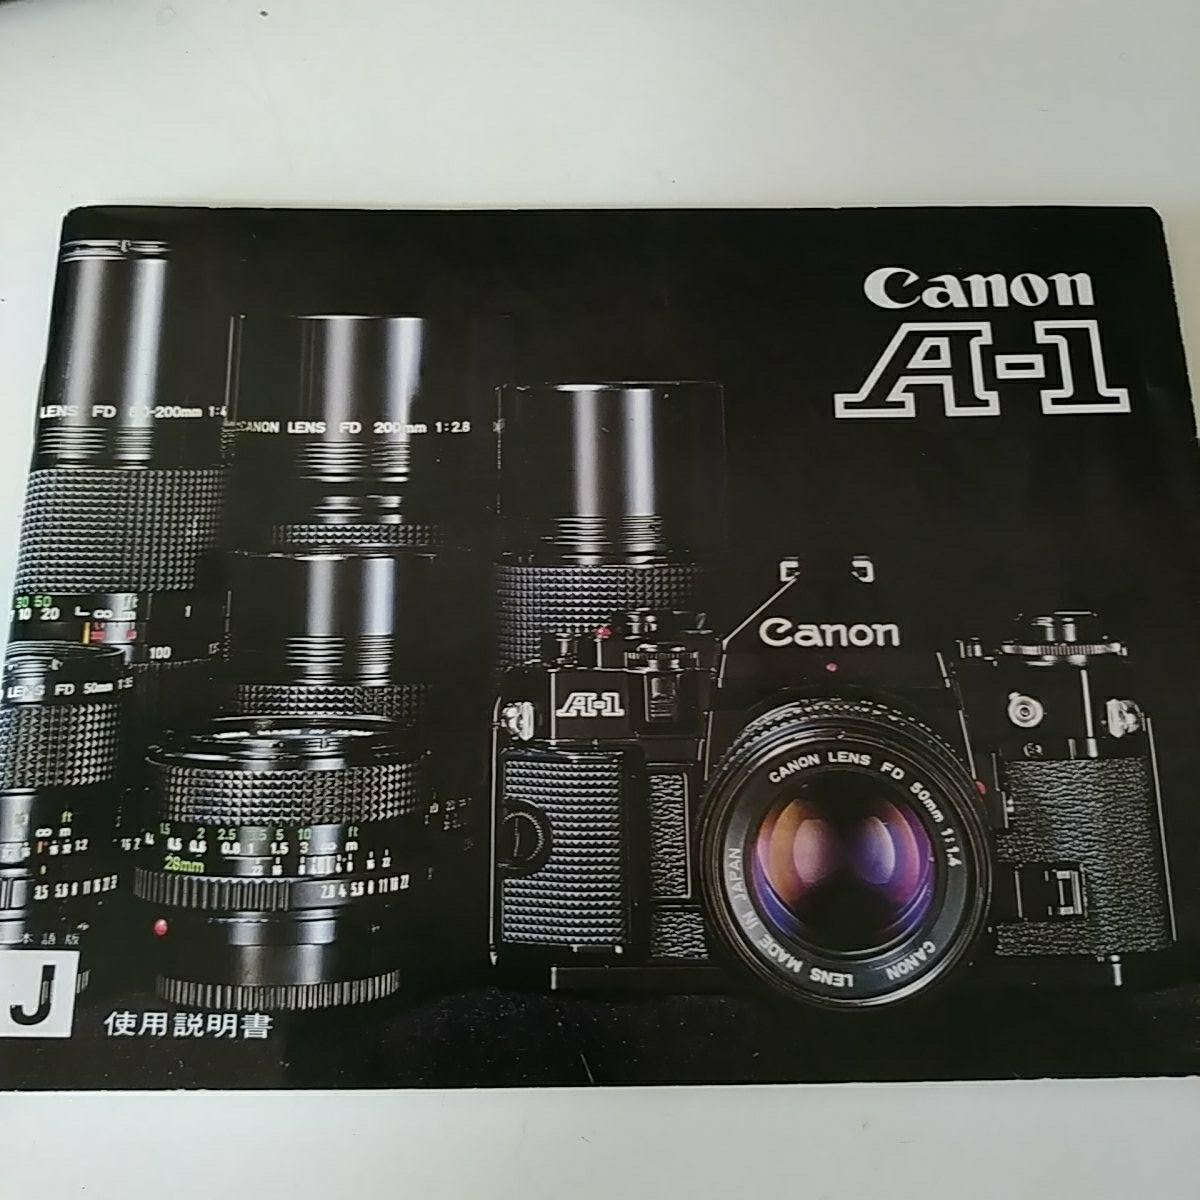 Canon A-1 パワーワインダー A 50㎜ 1:1.8 名機 一眼レフ/フィルムカメラ 使用説明書つき キャノン ブラック レンズセット 昭和レトロ_画像9